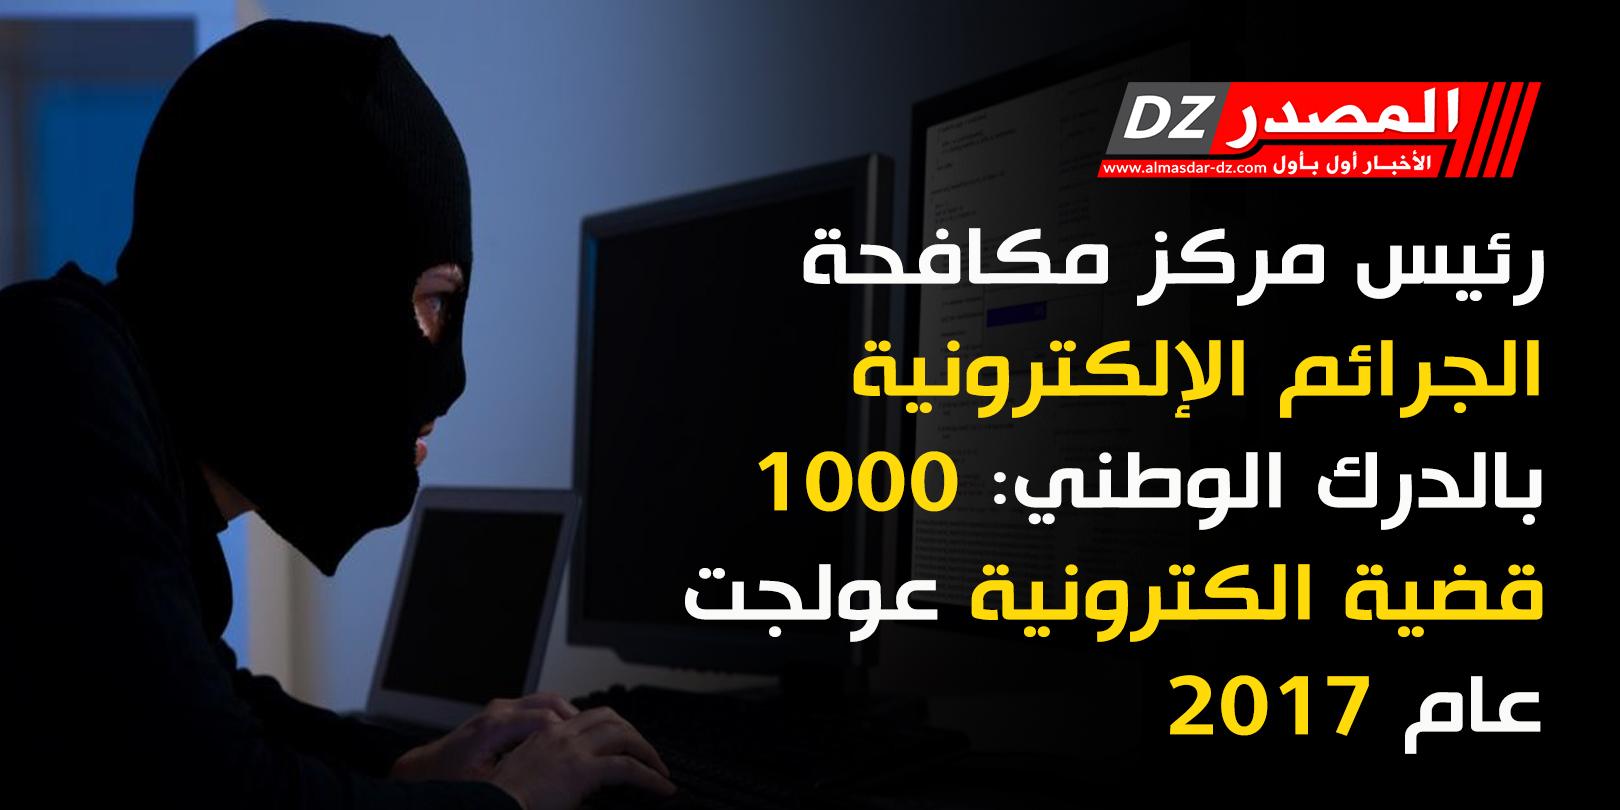 المصدر رئيس مركز مكافحة الجرائم الإلكترونية بالدرك الوطني 1000 قضية الكترونية عولجت عام 2017